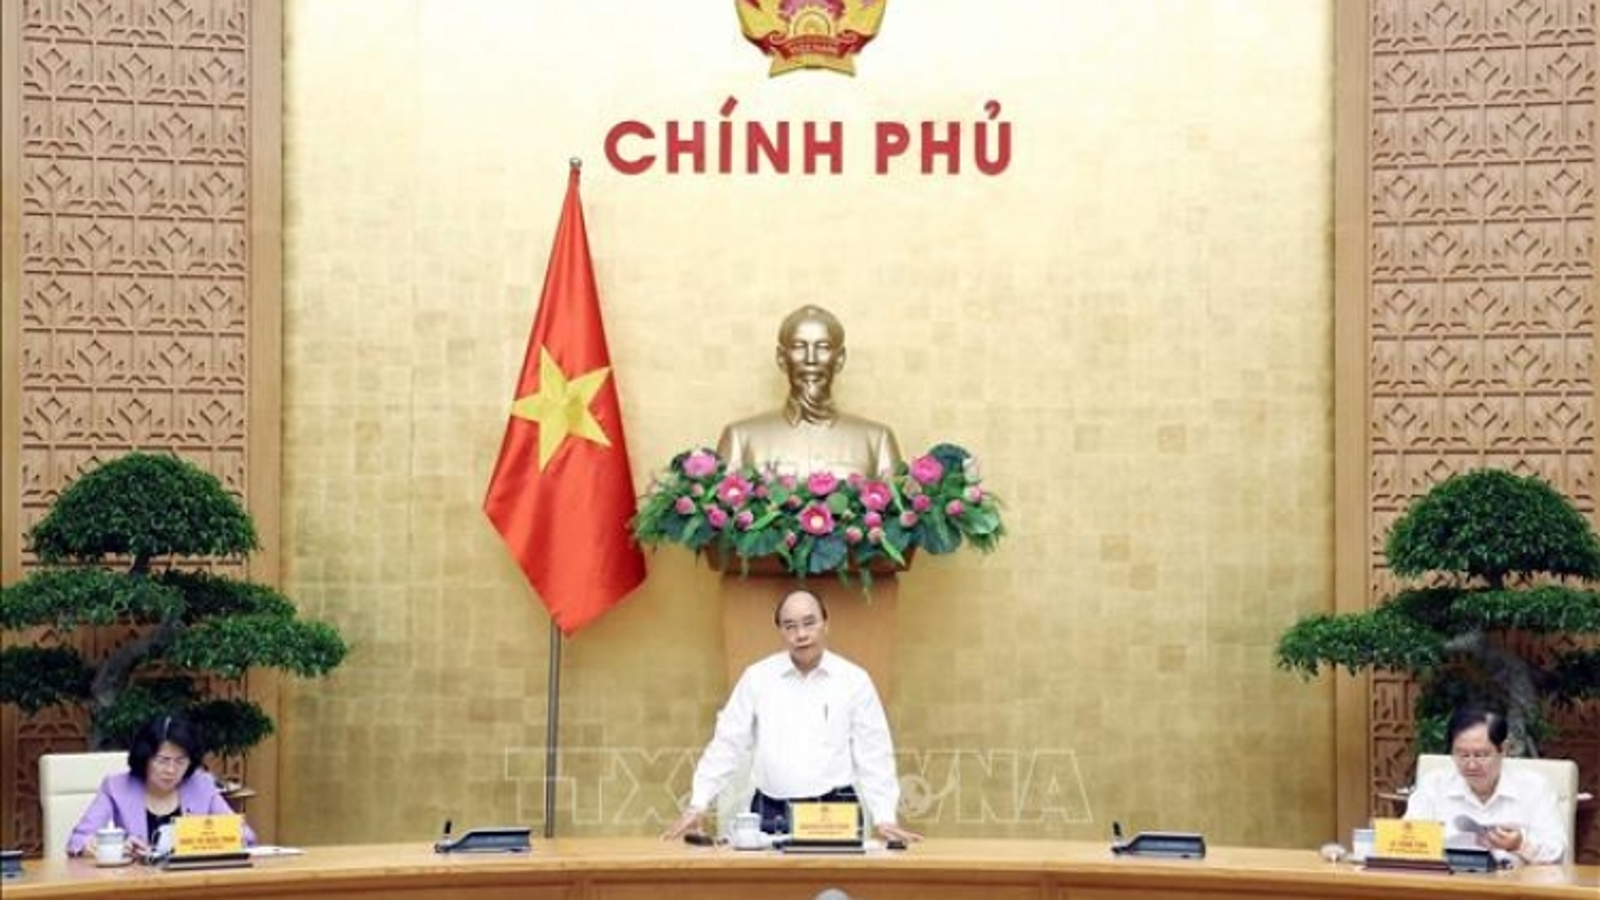 Thủ tướng chủ trì cuộc họp Hội đồng Thi đua-Khen thưởng Trung ương